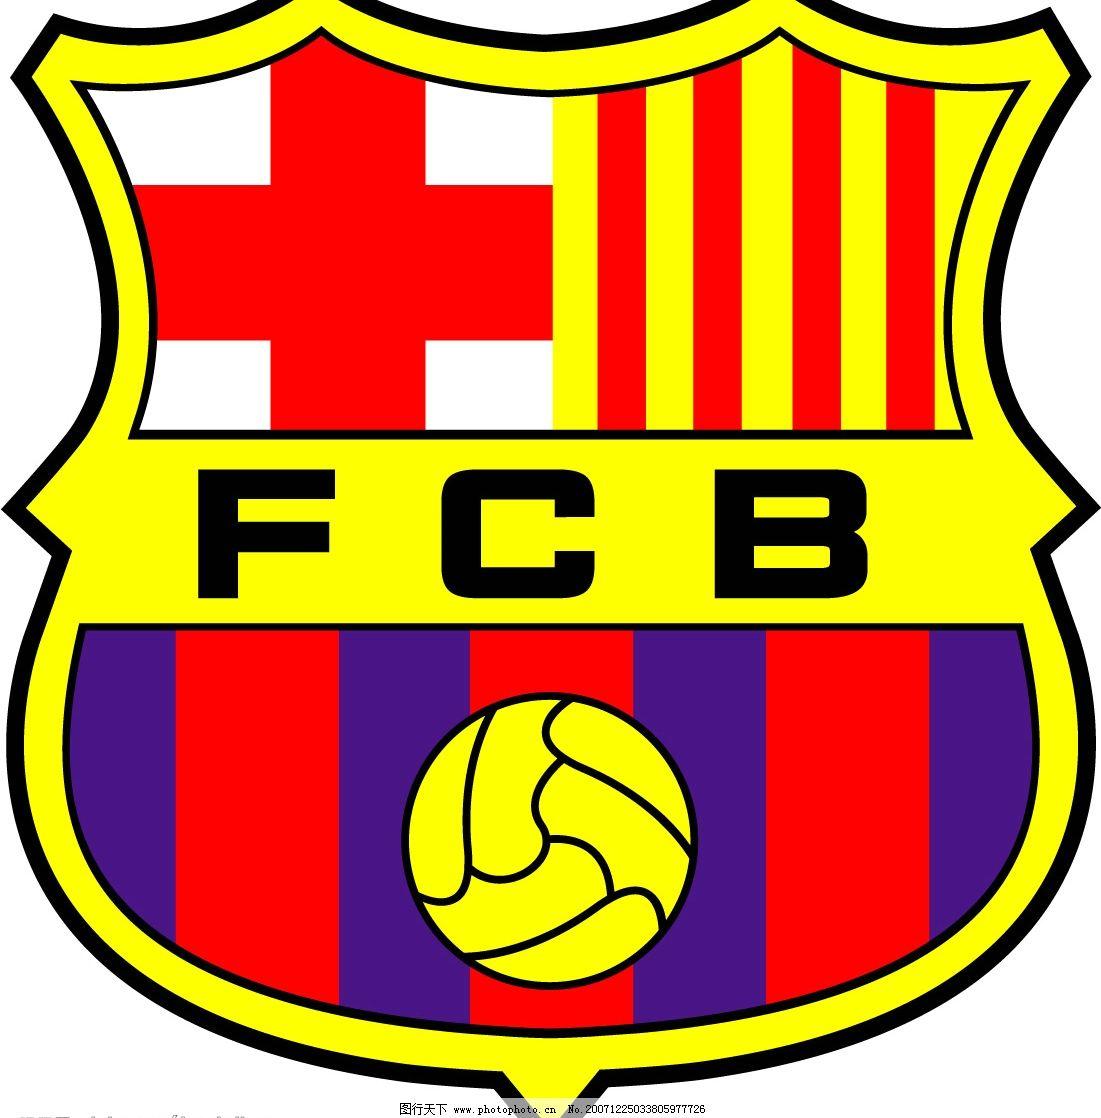 巴塞罗拿足球队徽图片